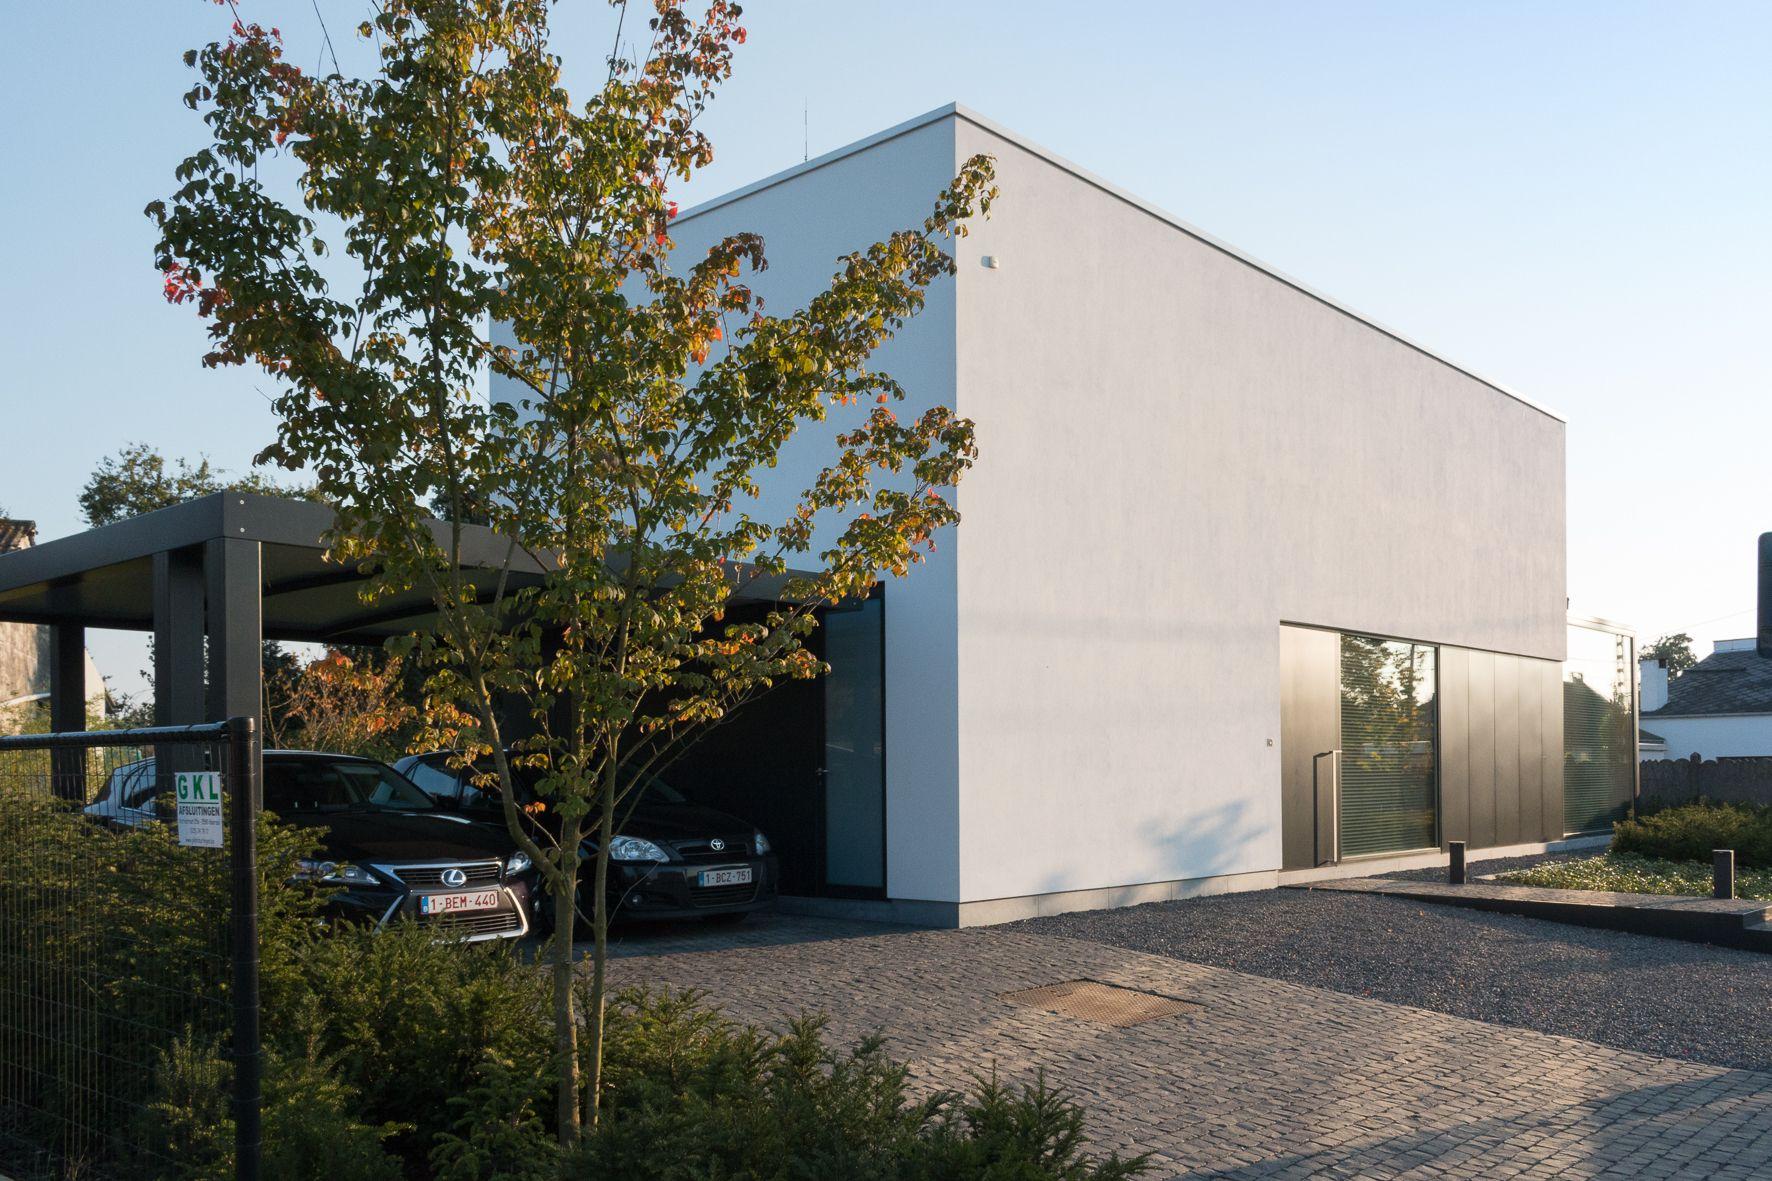 Moderne minimalistische BEN-woning. Modern & minimalistic house that ...